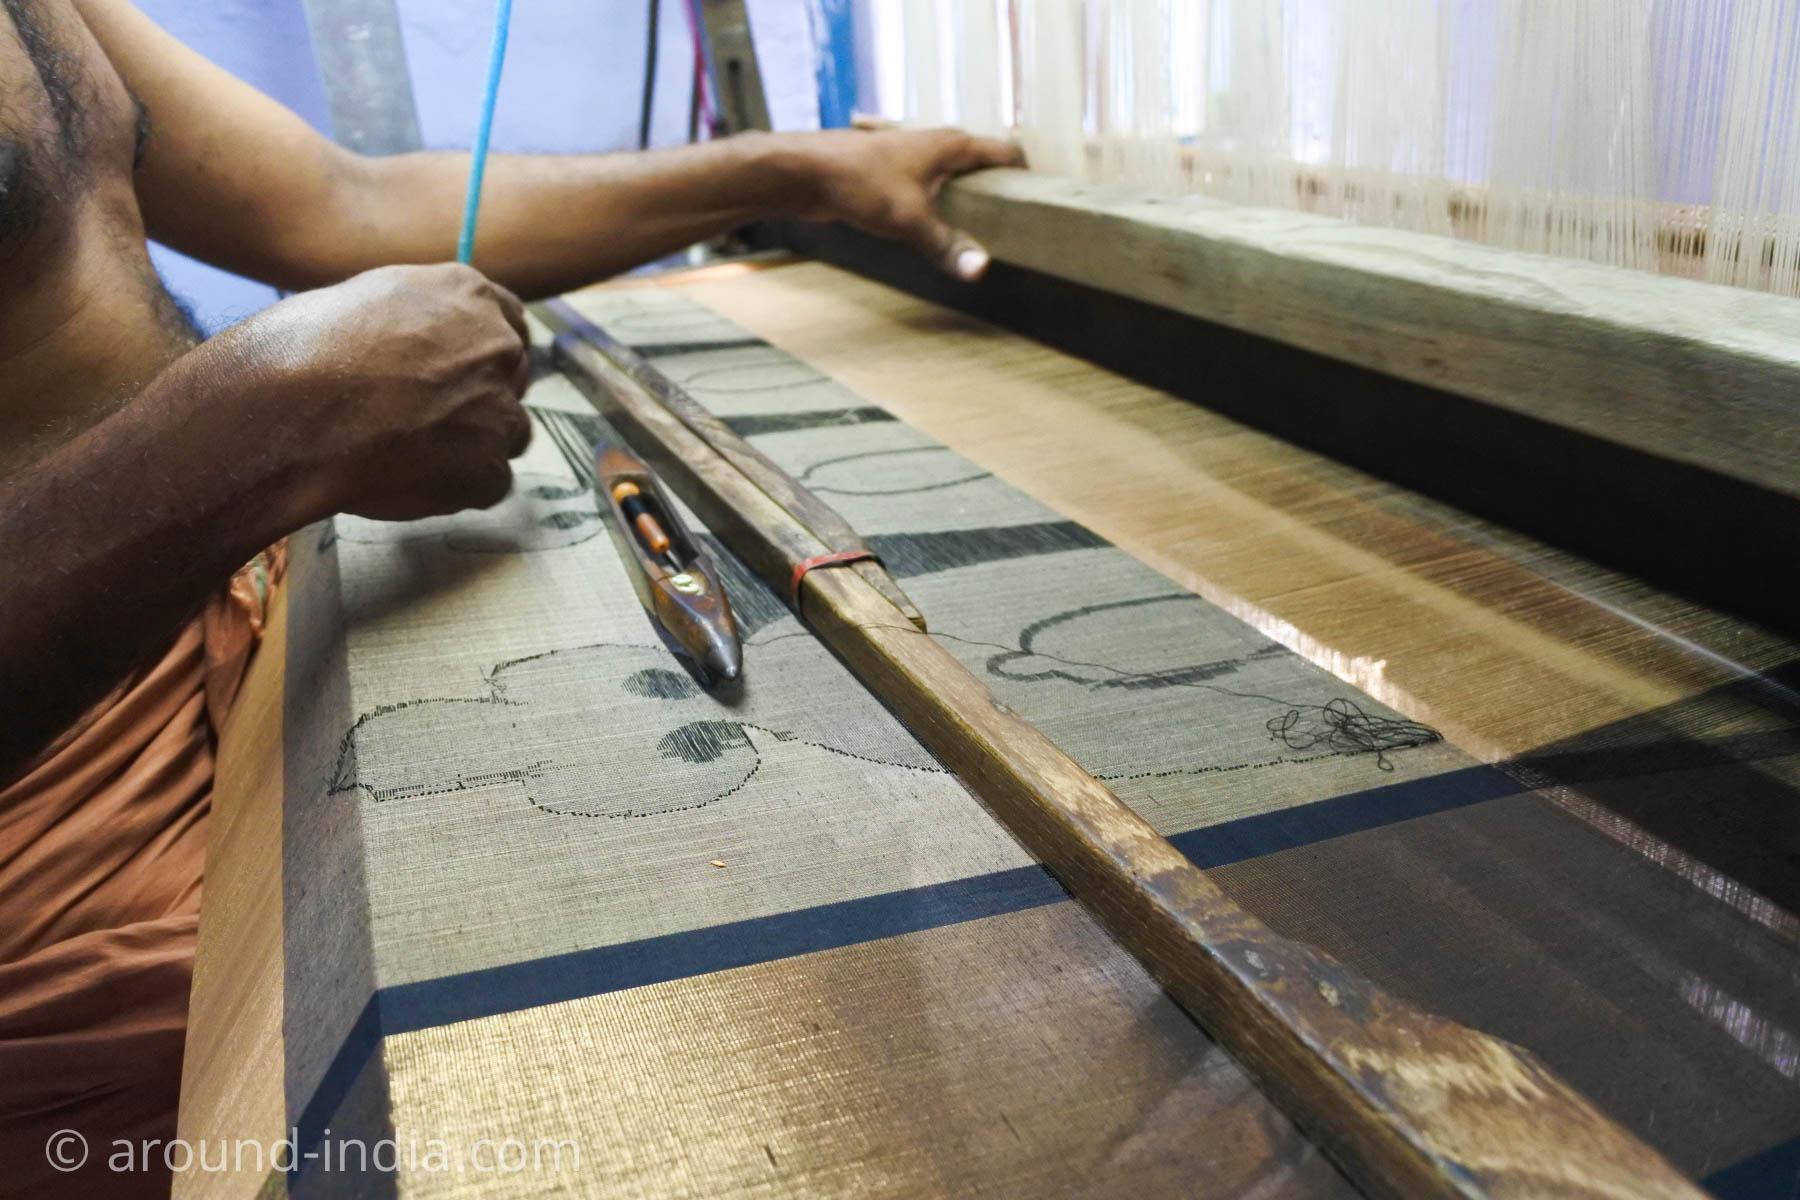 ケララ州パラッカドの織物工房 柄物を織っている所